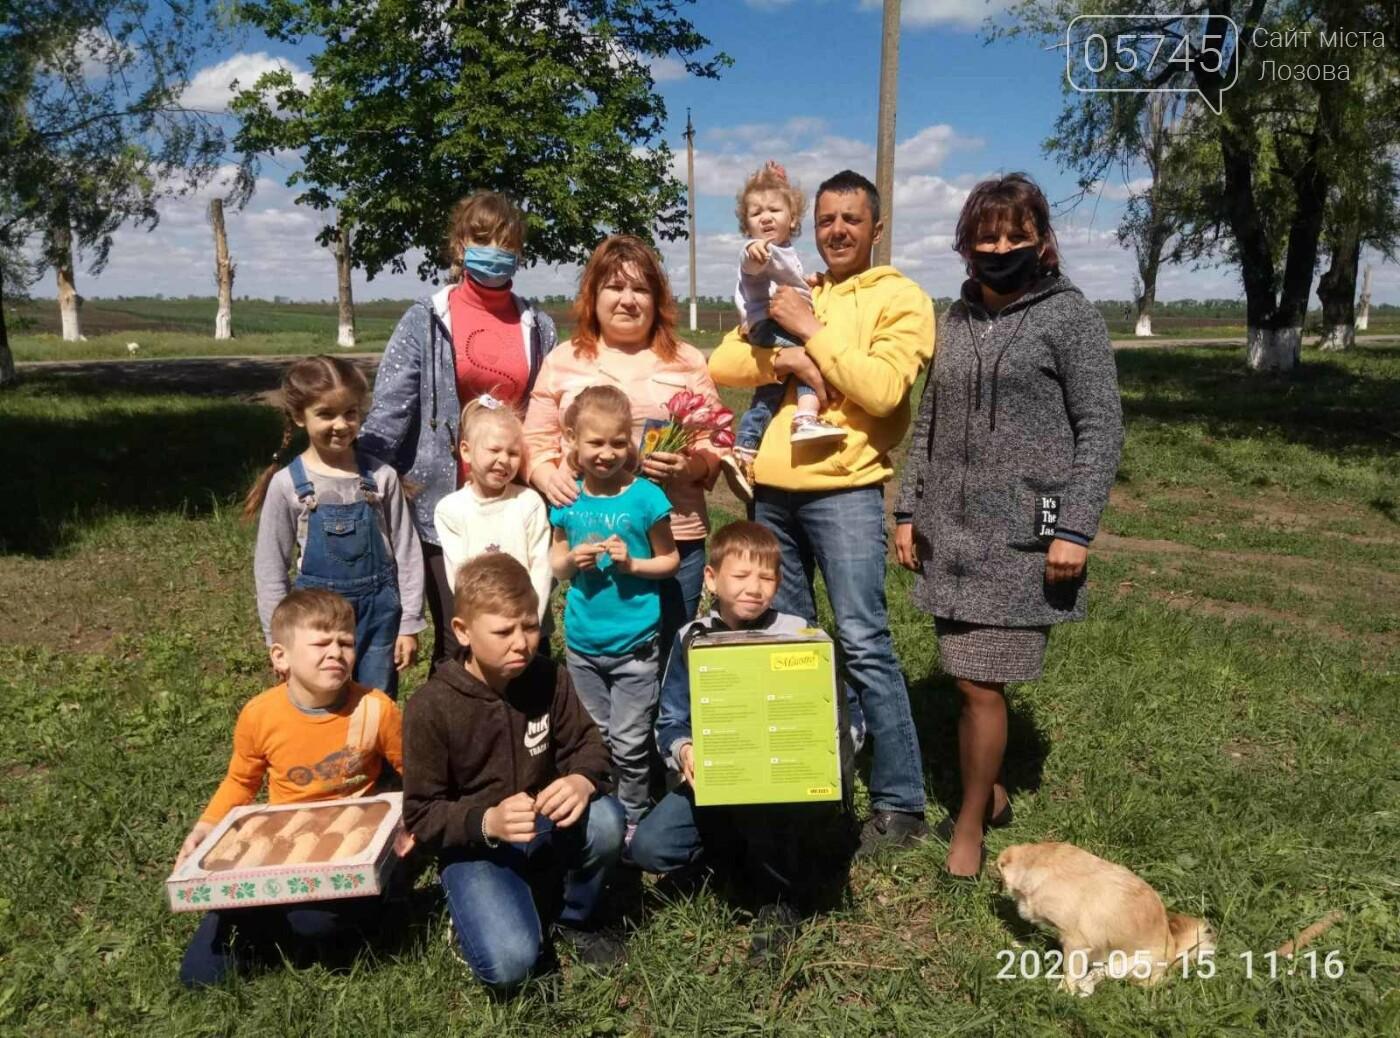 Приемные семьи Лозовщины получили подарки ко Дню семьи, фото-14